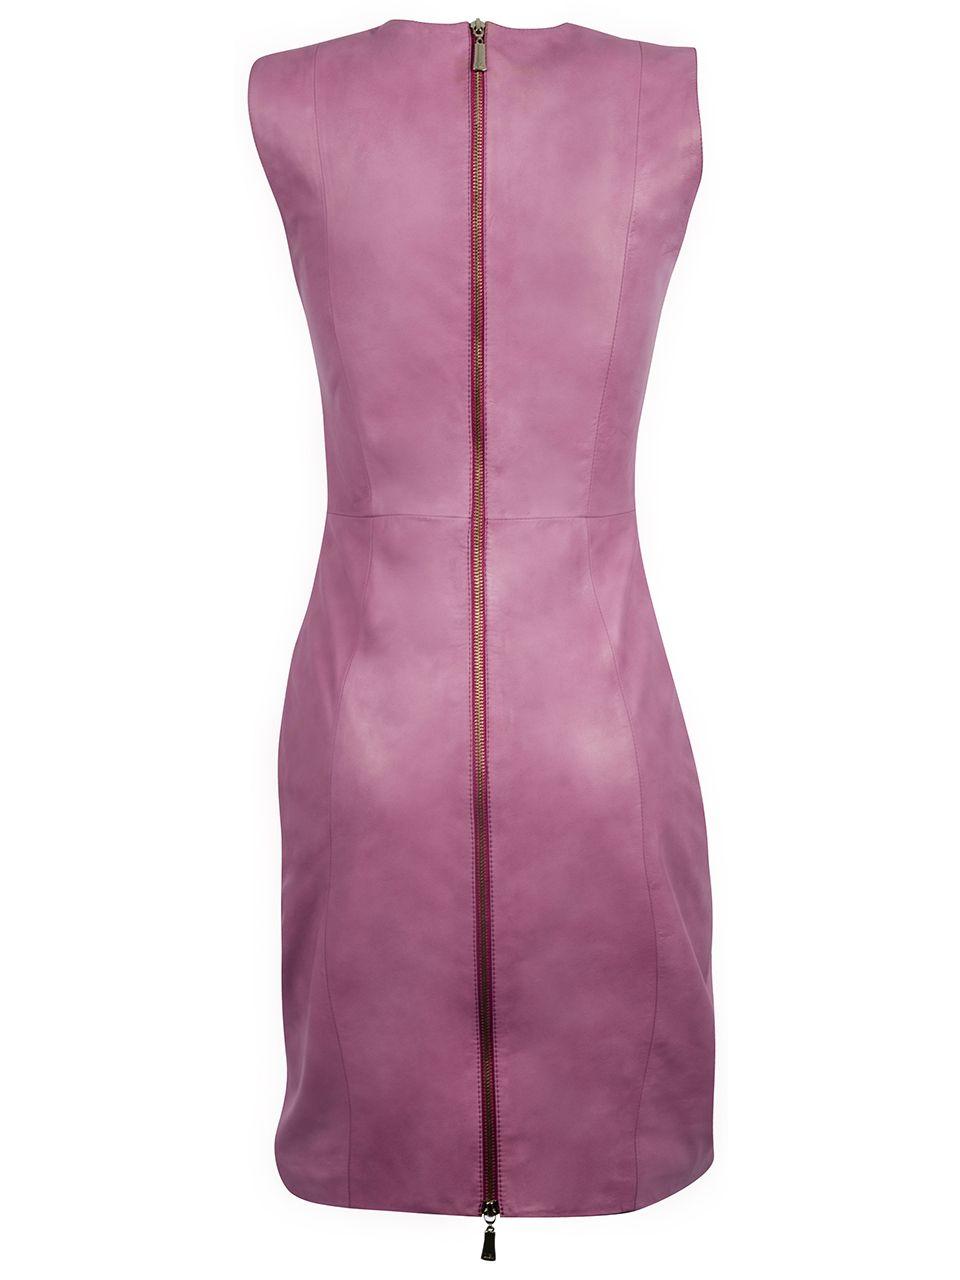 Vestido de Couro com Aplicações Frontal - Liziane Richter